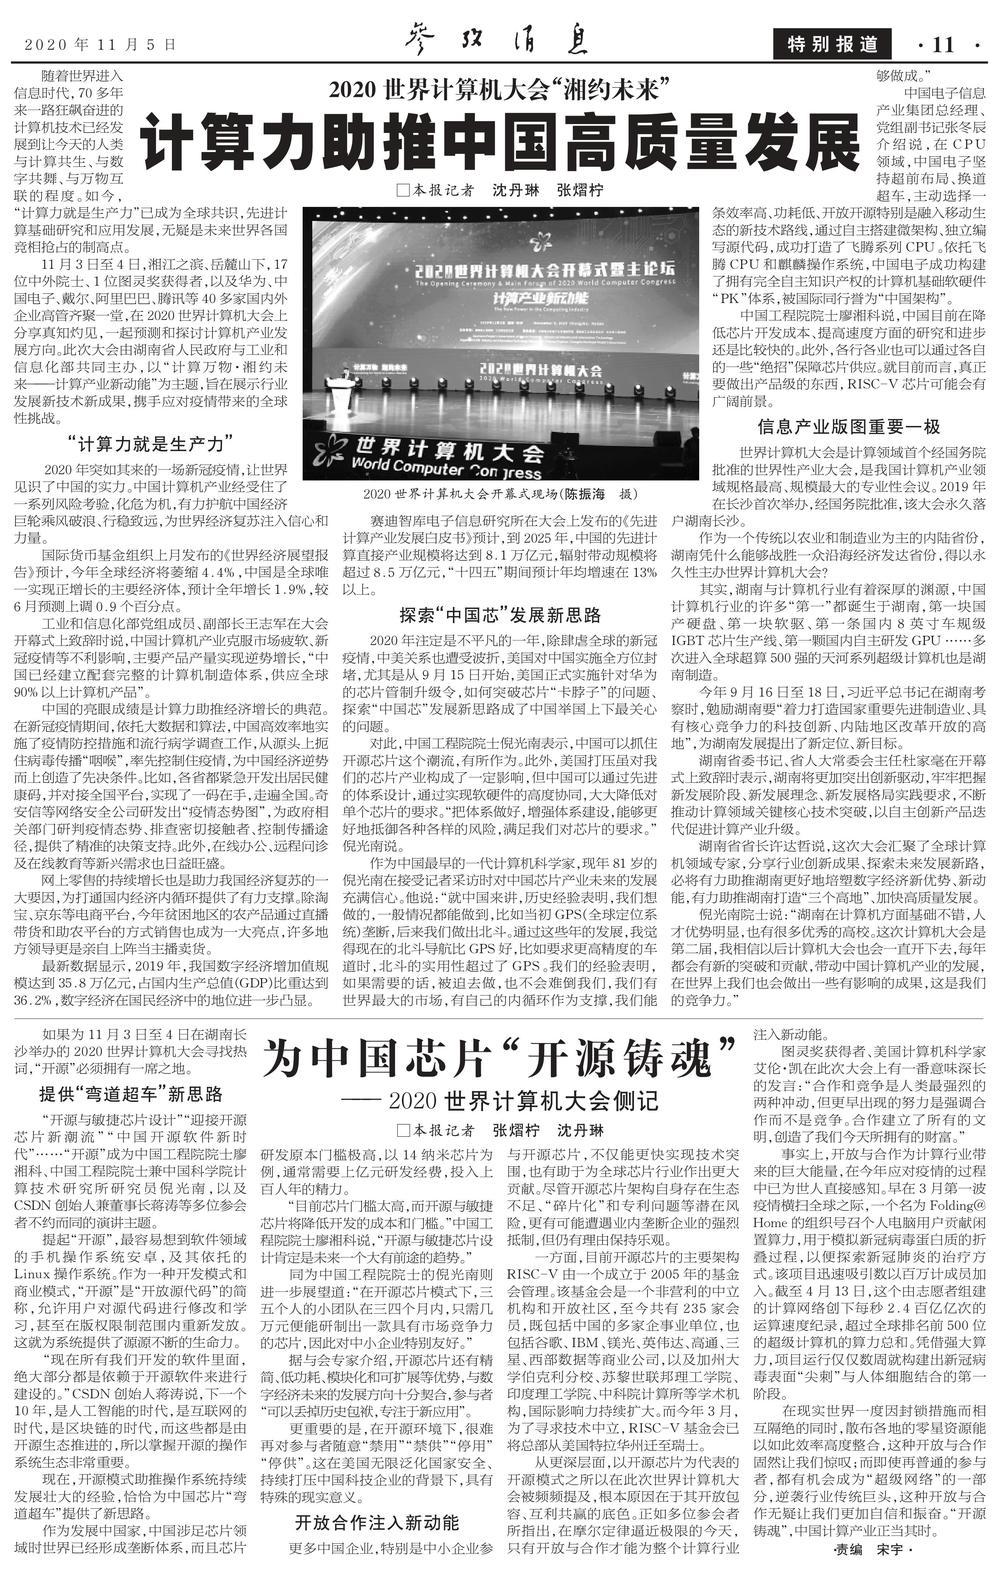 """《【恒达娱乐平台注册】为中国芯片""""开源铸魂""""》"""